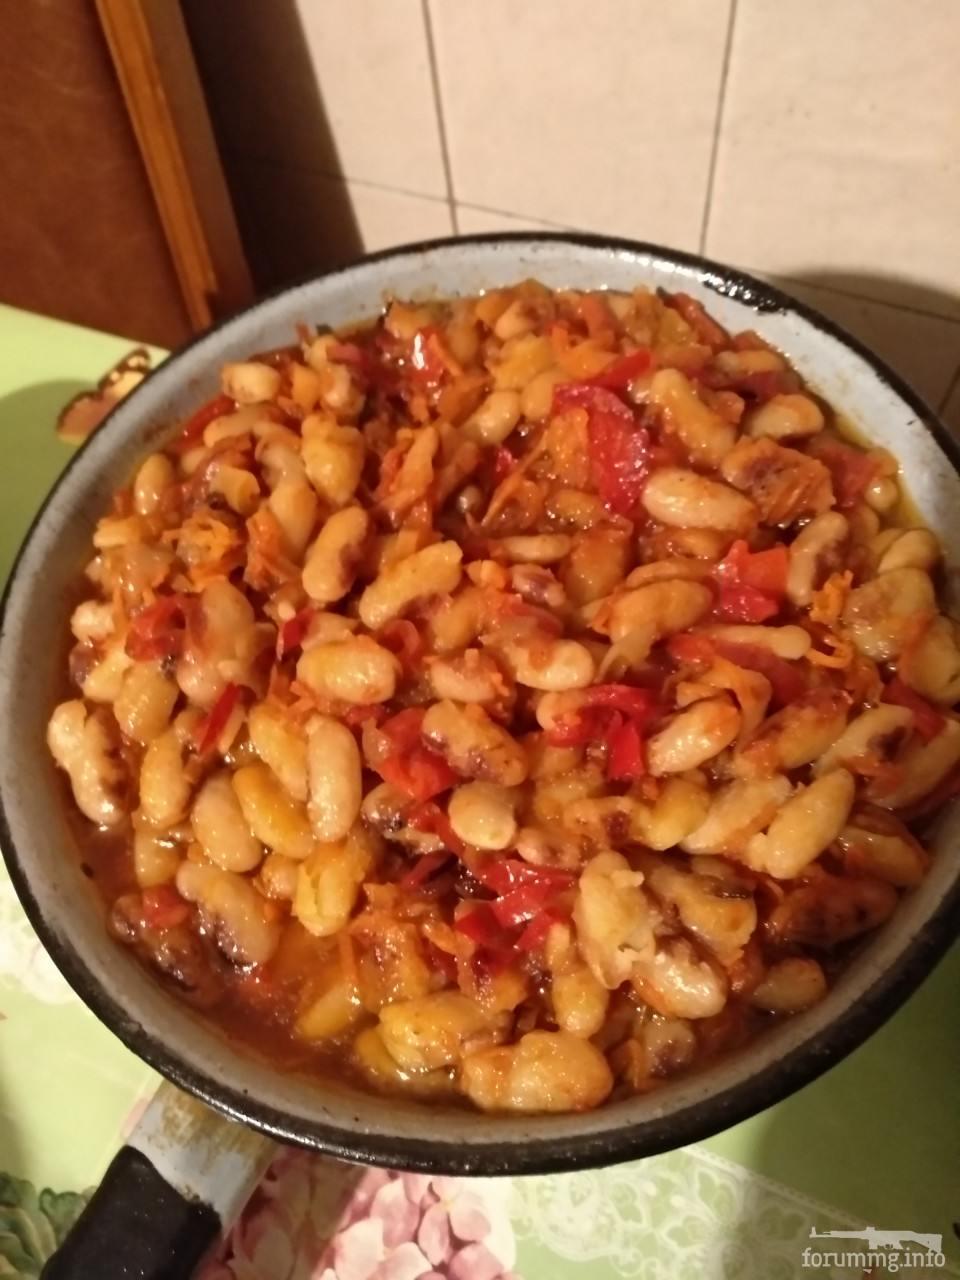 126872 - Закуски на огне (мангал, барбекю и т.д.) и кулинария вообще. Советы и рецепты.